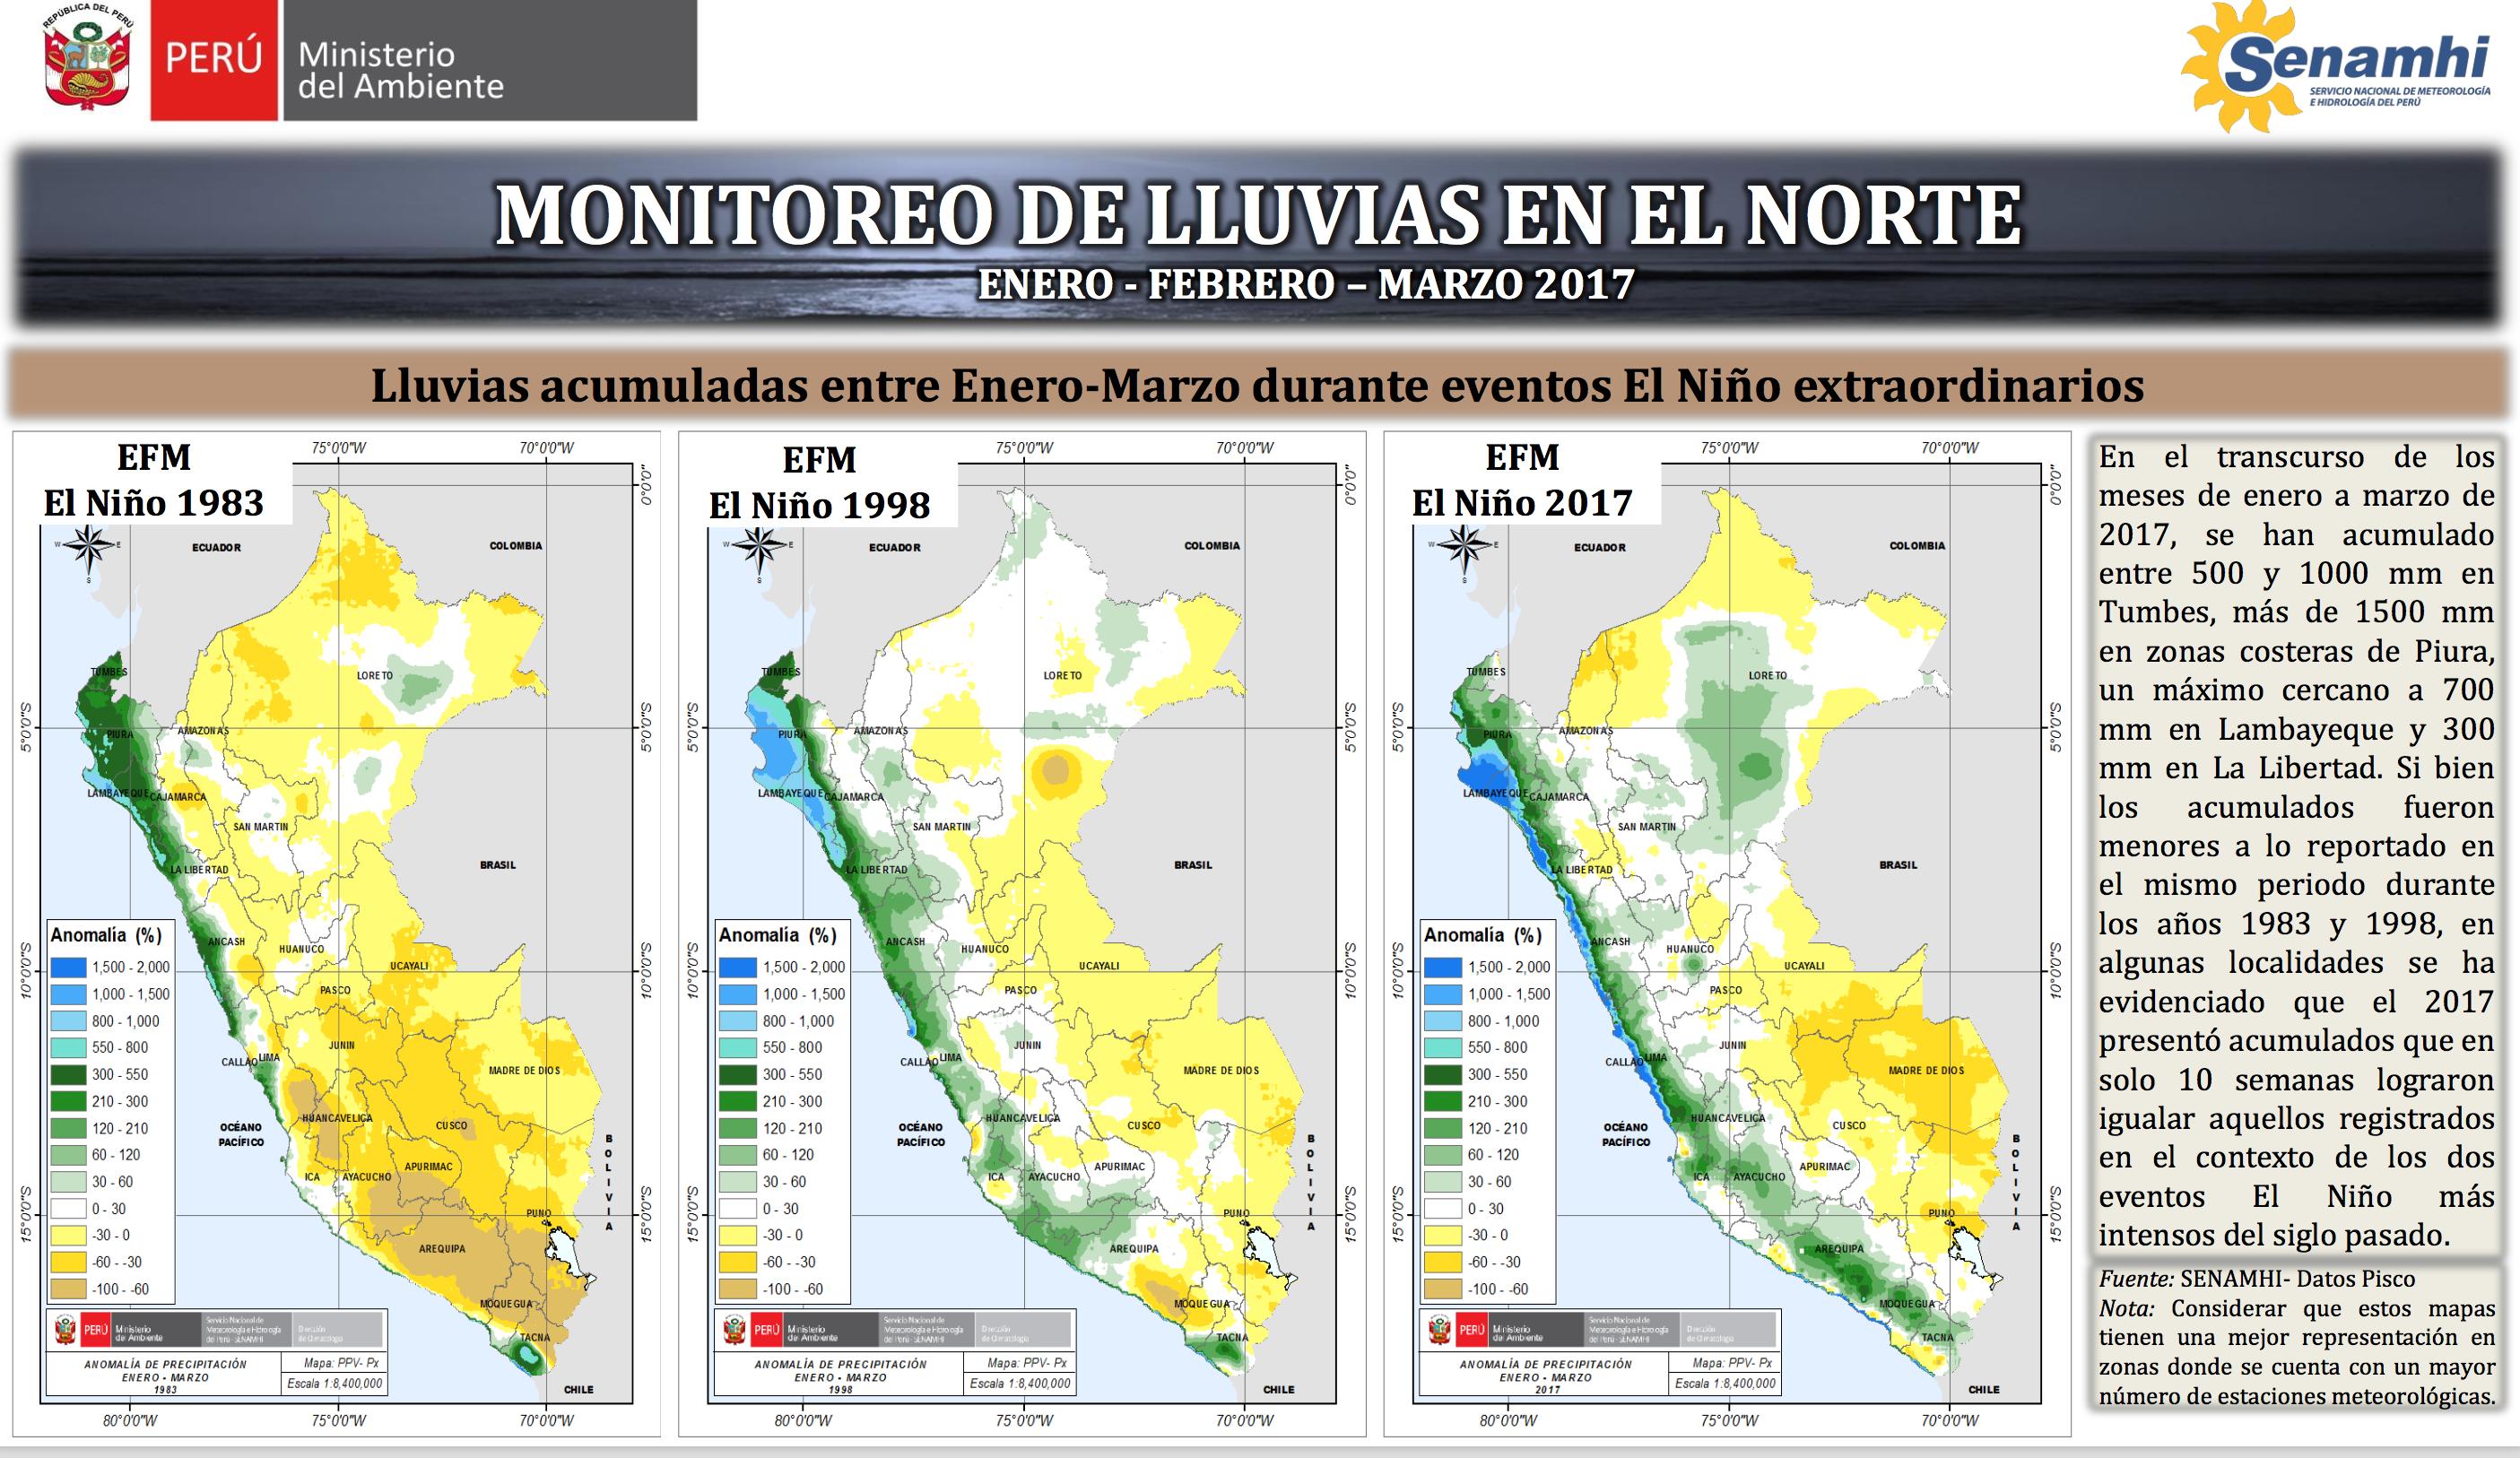 Rainfall in Peru 2017